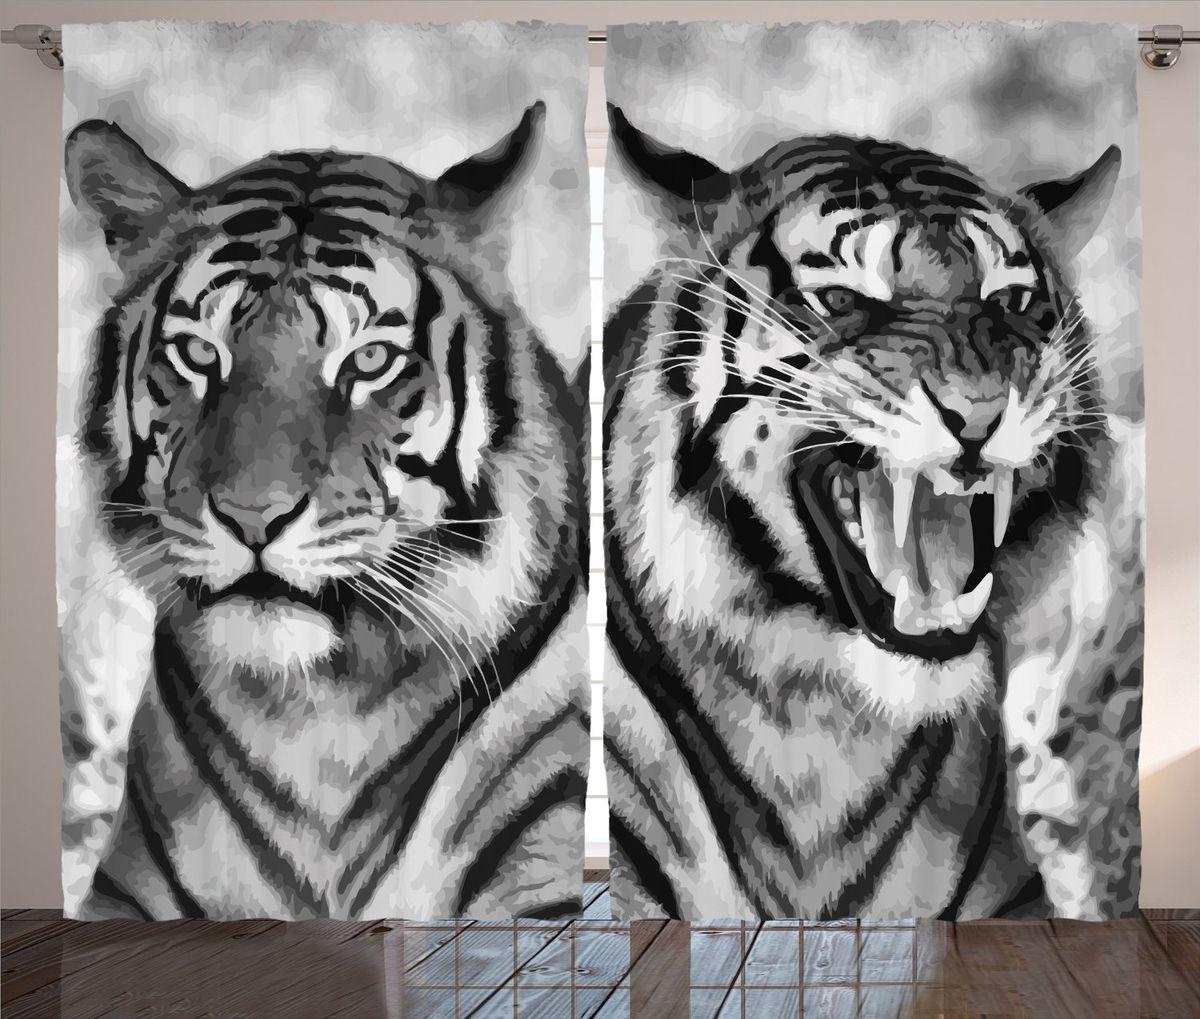 Комплект фотоштор Magic Lady Черно-белые тигры, на ленте, высота 265 см. шсг_12727шсг_12727Компания Сэмболь изготавливает шторы из высококачественного сатена (полиэстер 100%). При изготовлении используются специальные гипоаллергенные чернила для прямой печати по ткани, безопасные для человека и животных. Экологичность продукции Magic lady и безопасность для окружающей среды подтверждены сертификатом Oeko-Tex Standard 100. Крепление: крючки для крепления на шторной ленте (50 шт). Возможно крепление на трубу. Внимание! При нанесении сублимационной печати на ткань технологическим методом при температуре 240°С, возможно отклонение полученных размеров (указанных на этикетке и сайте) от стандартных на + - 3-5 см. Производитель старается максимально точно передать цвета изделия на фотографиях, однако искажения неизбежны и фактический цвет изделия может отличаться от воспринимаемого по фото. Обратите внимание! Шторы изготовлены из полиэстра сатенового переплетения, а не из сатина (хлопок). Размер одного полотна шторы: 145х265 см. В комплекте 2 полотна шторы и 50 крючков.